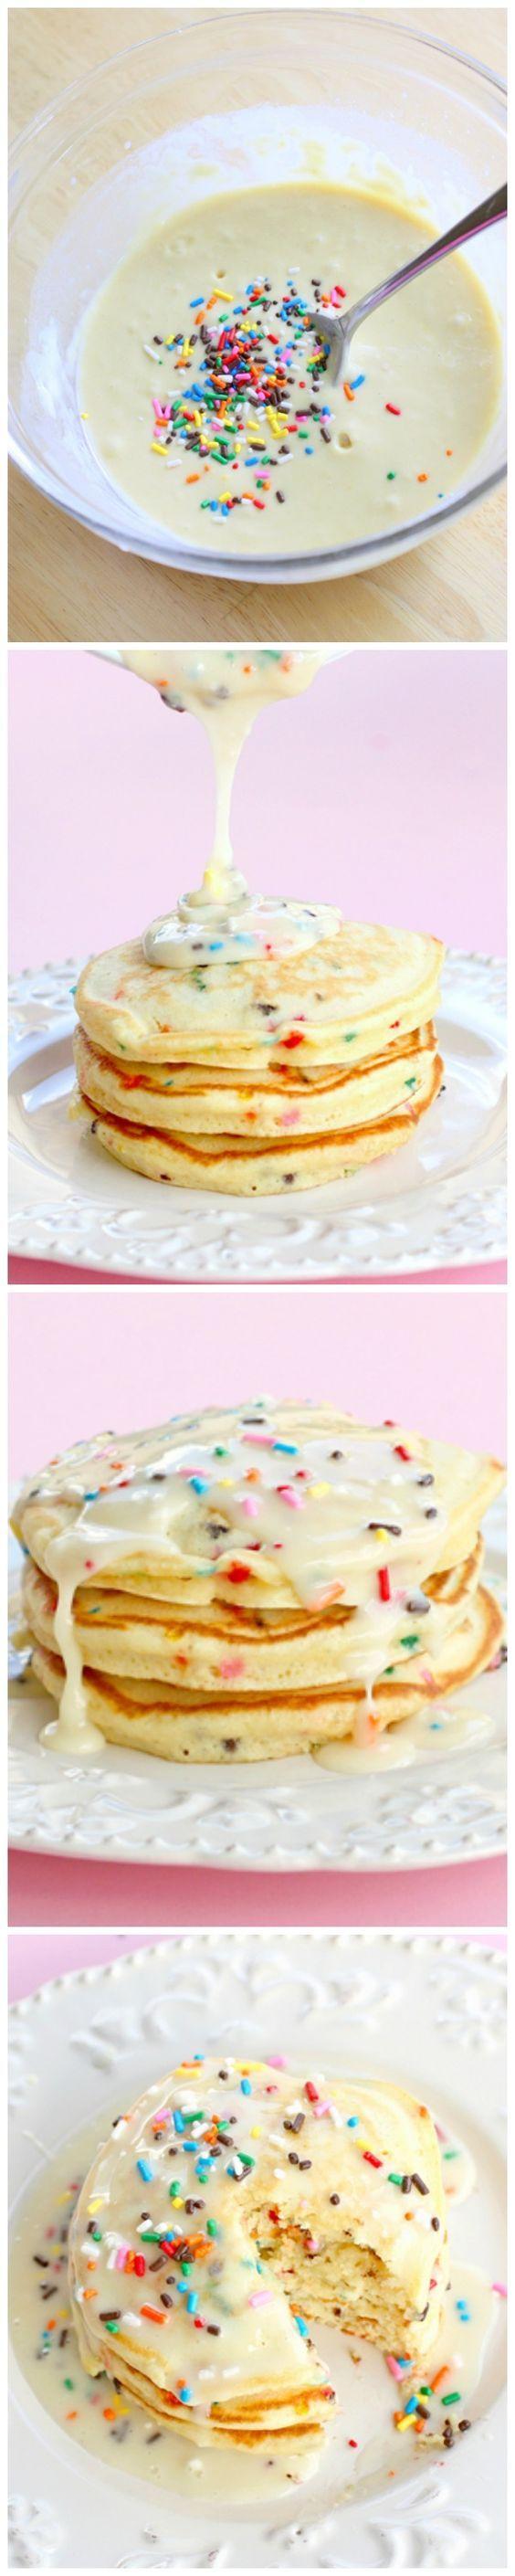 Cake Batter Pancakes #cakebatter